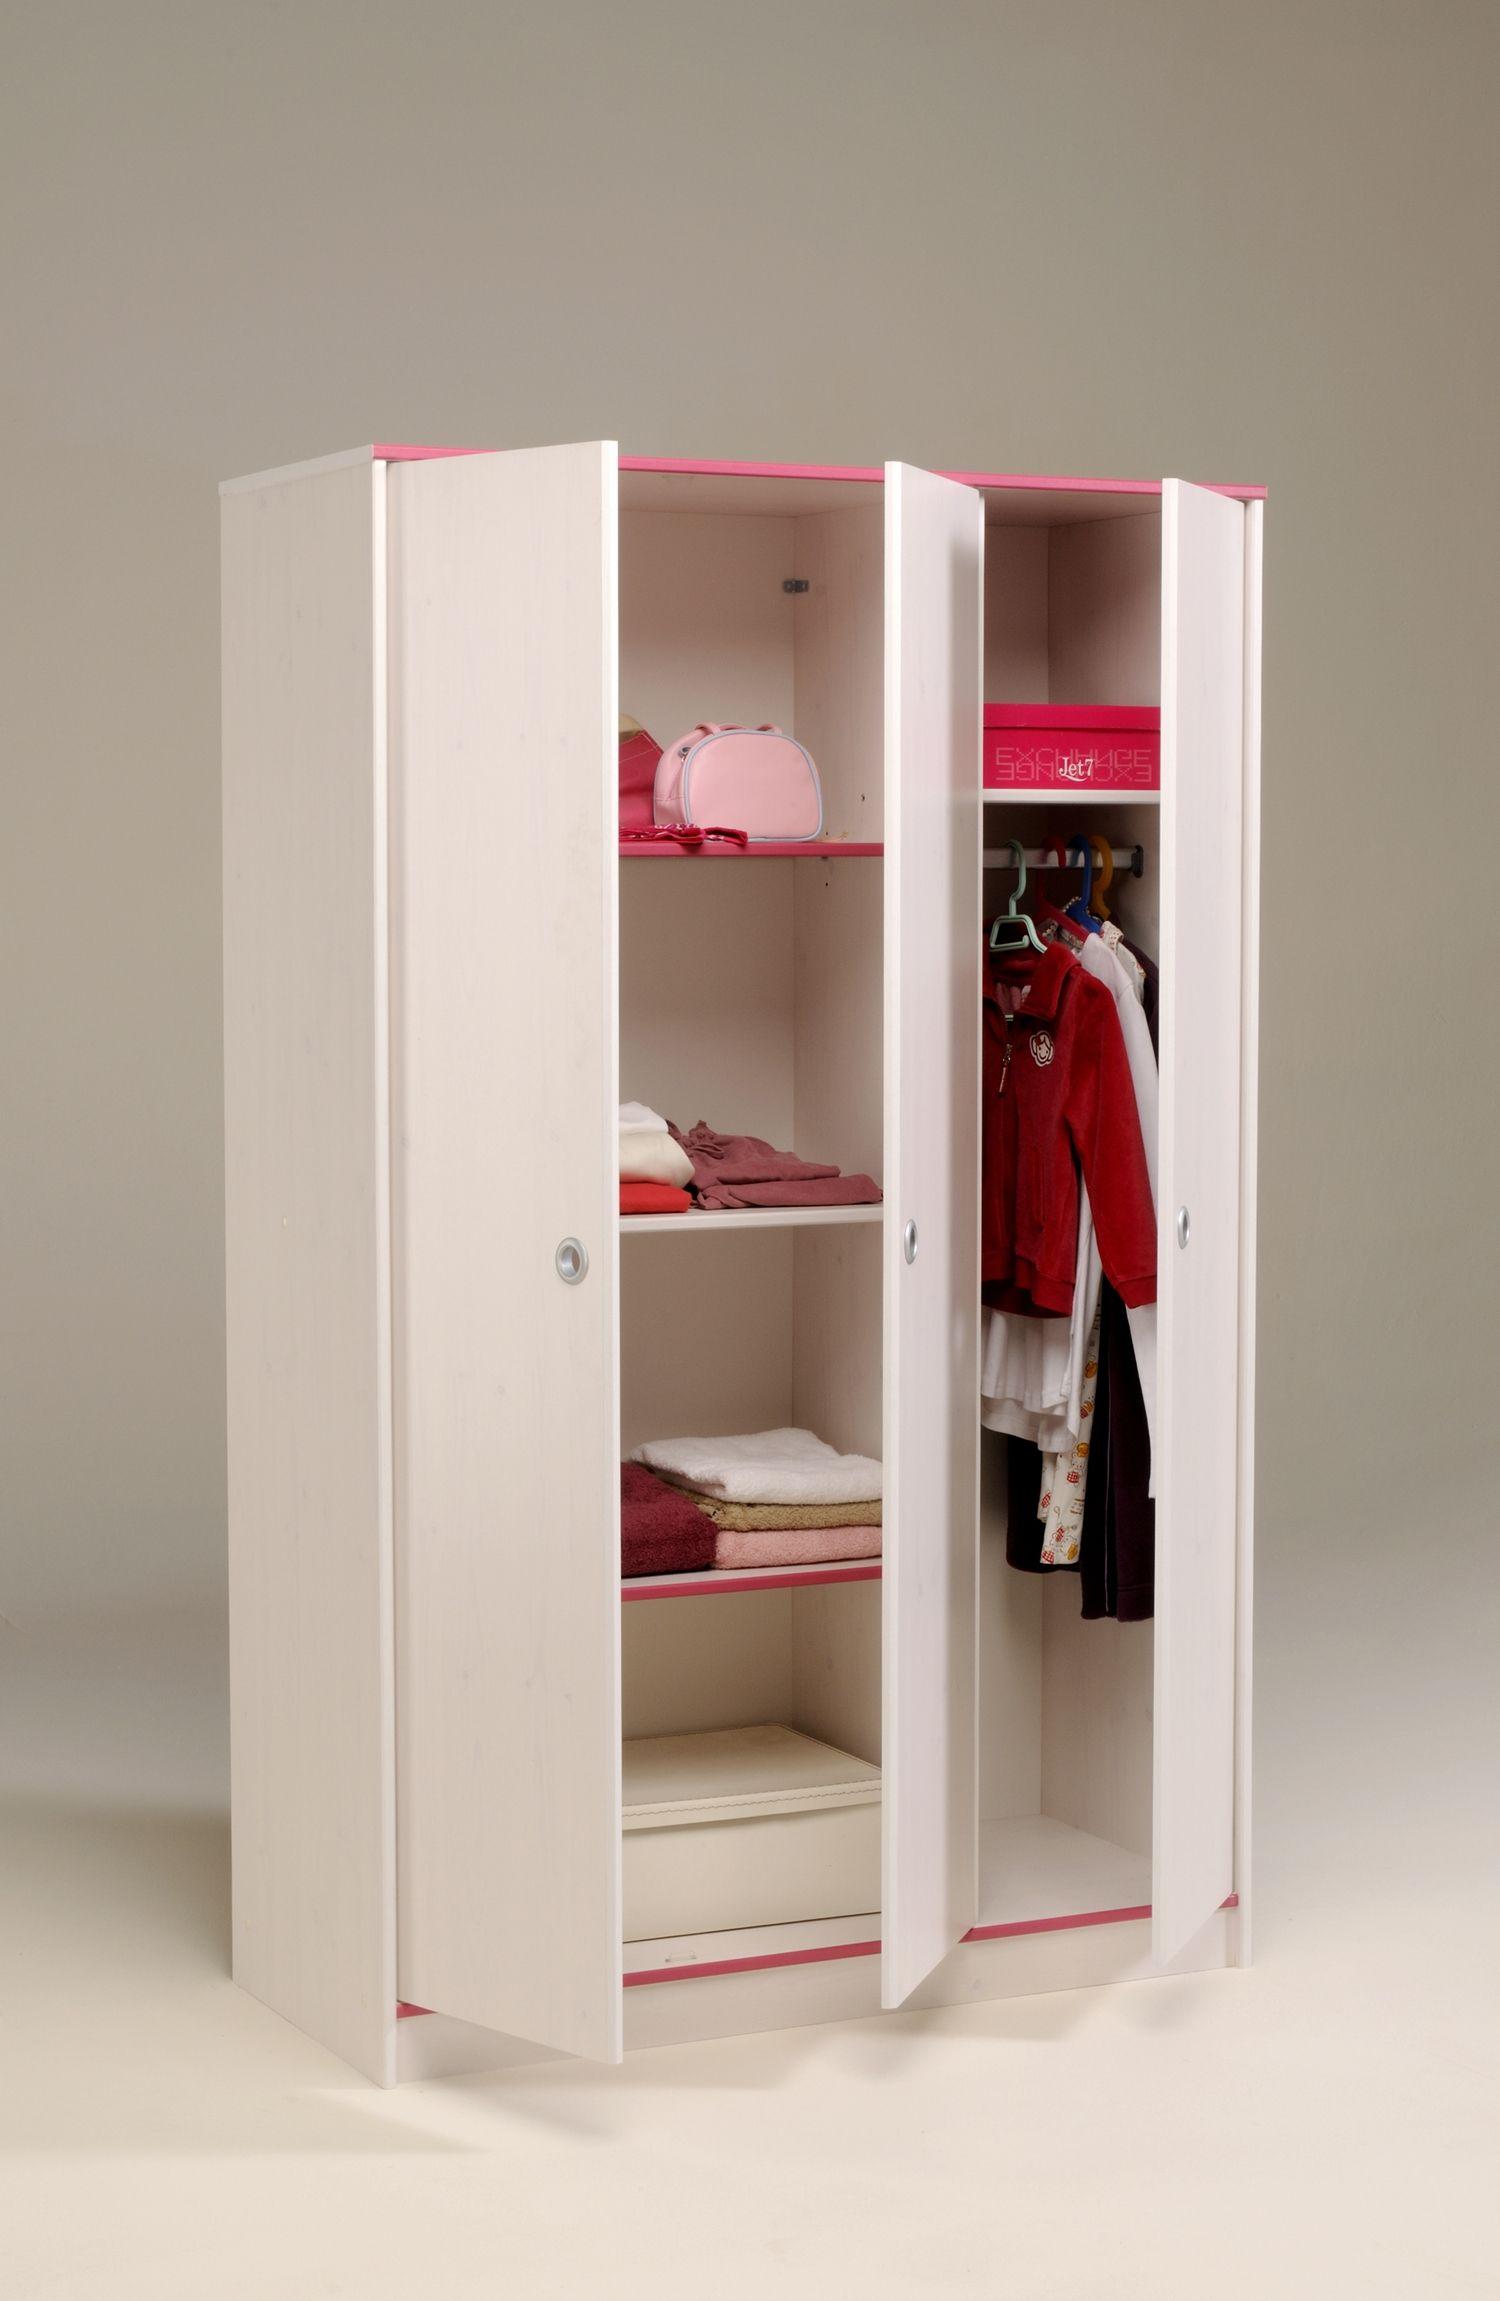 Kleiderschrank Woozy Rosa II 3trg. Der Kleiderschrank